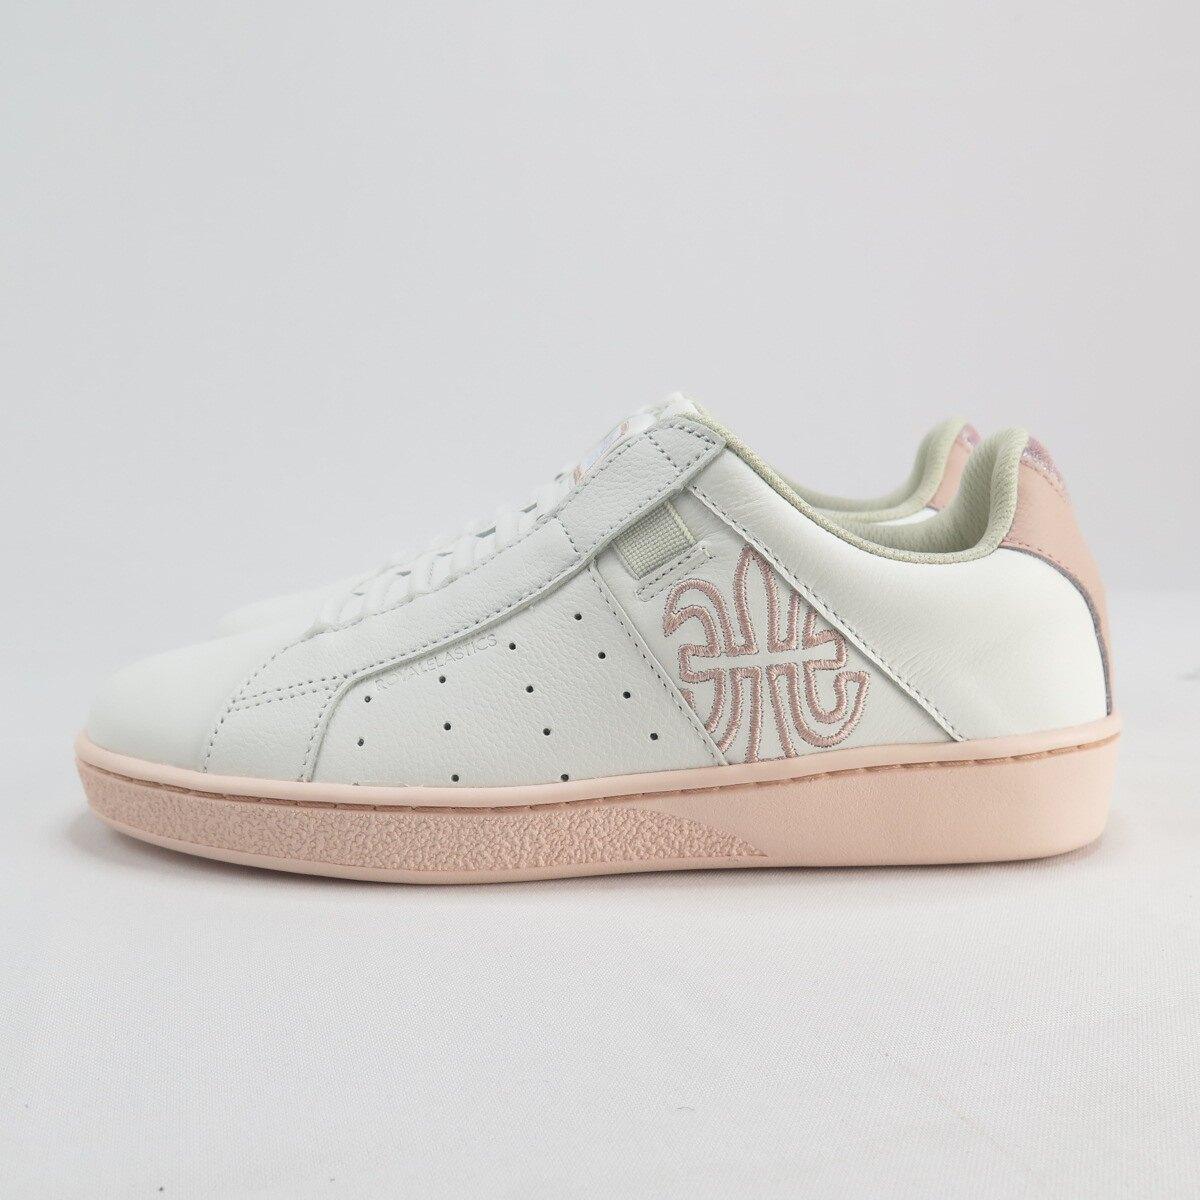 【滿額領券折$150】Royal GENESIS 無鞋帶 女款 休閒鞋 公司貨 91901010 白X粉【iSport愛運動】